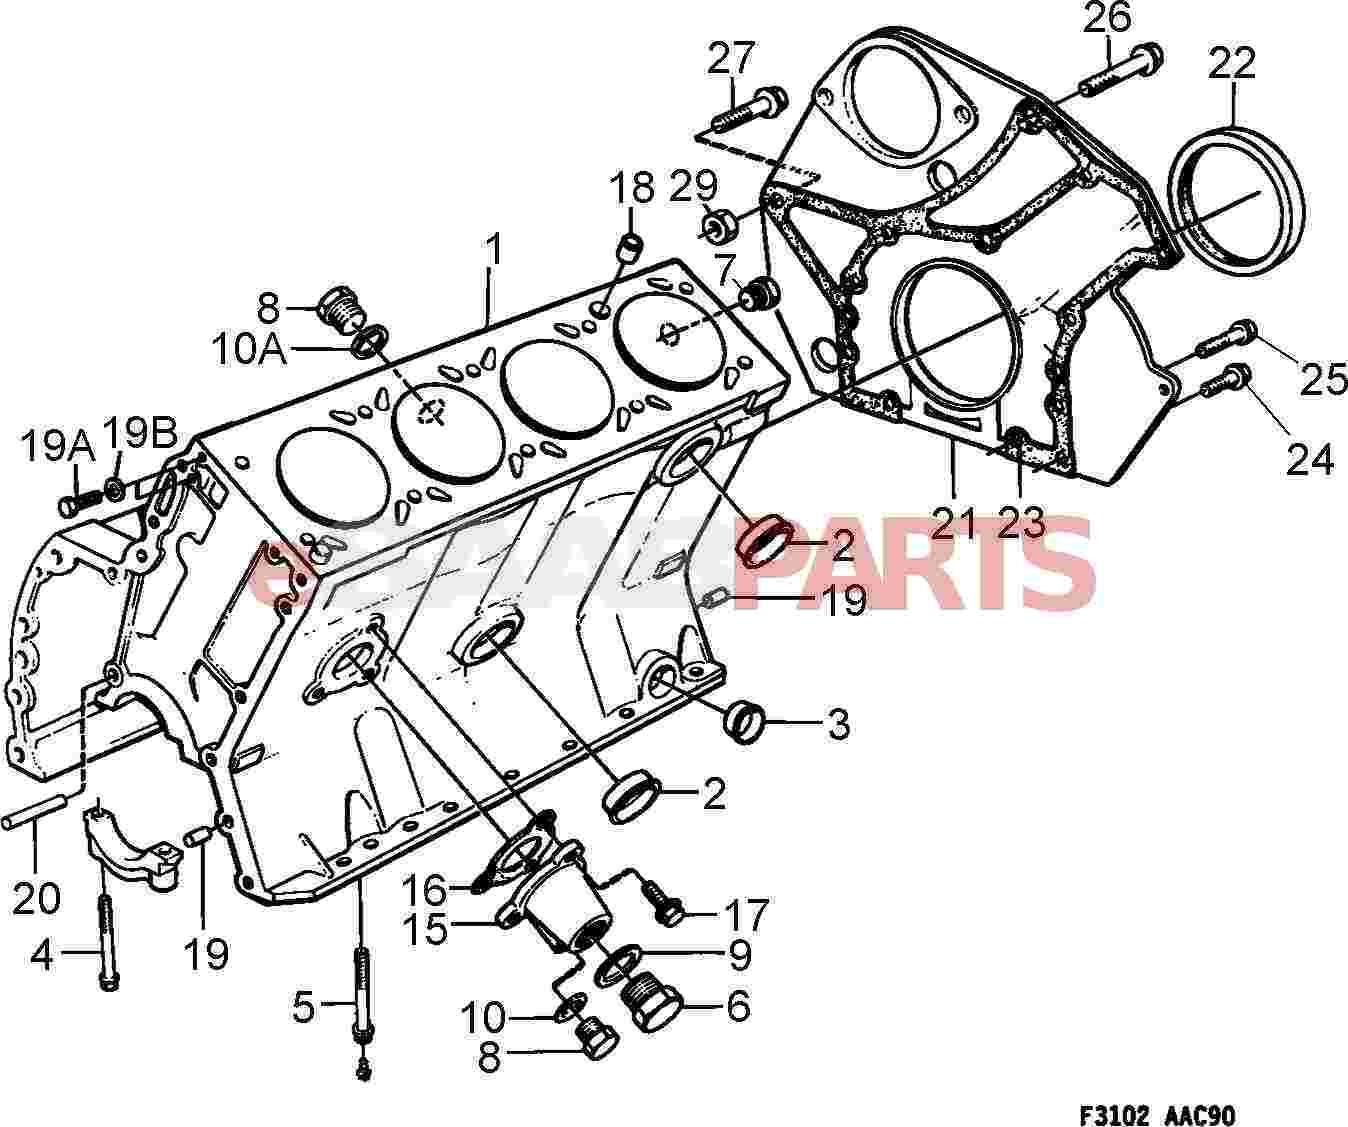 96 saab 900 engine diagram